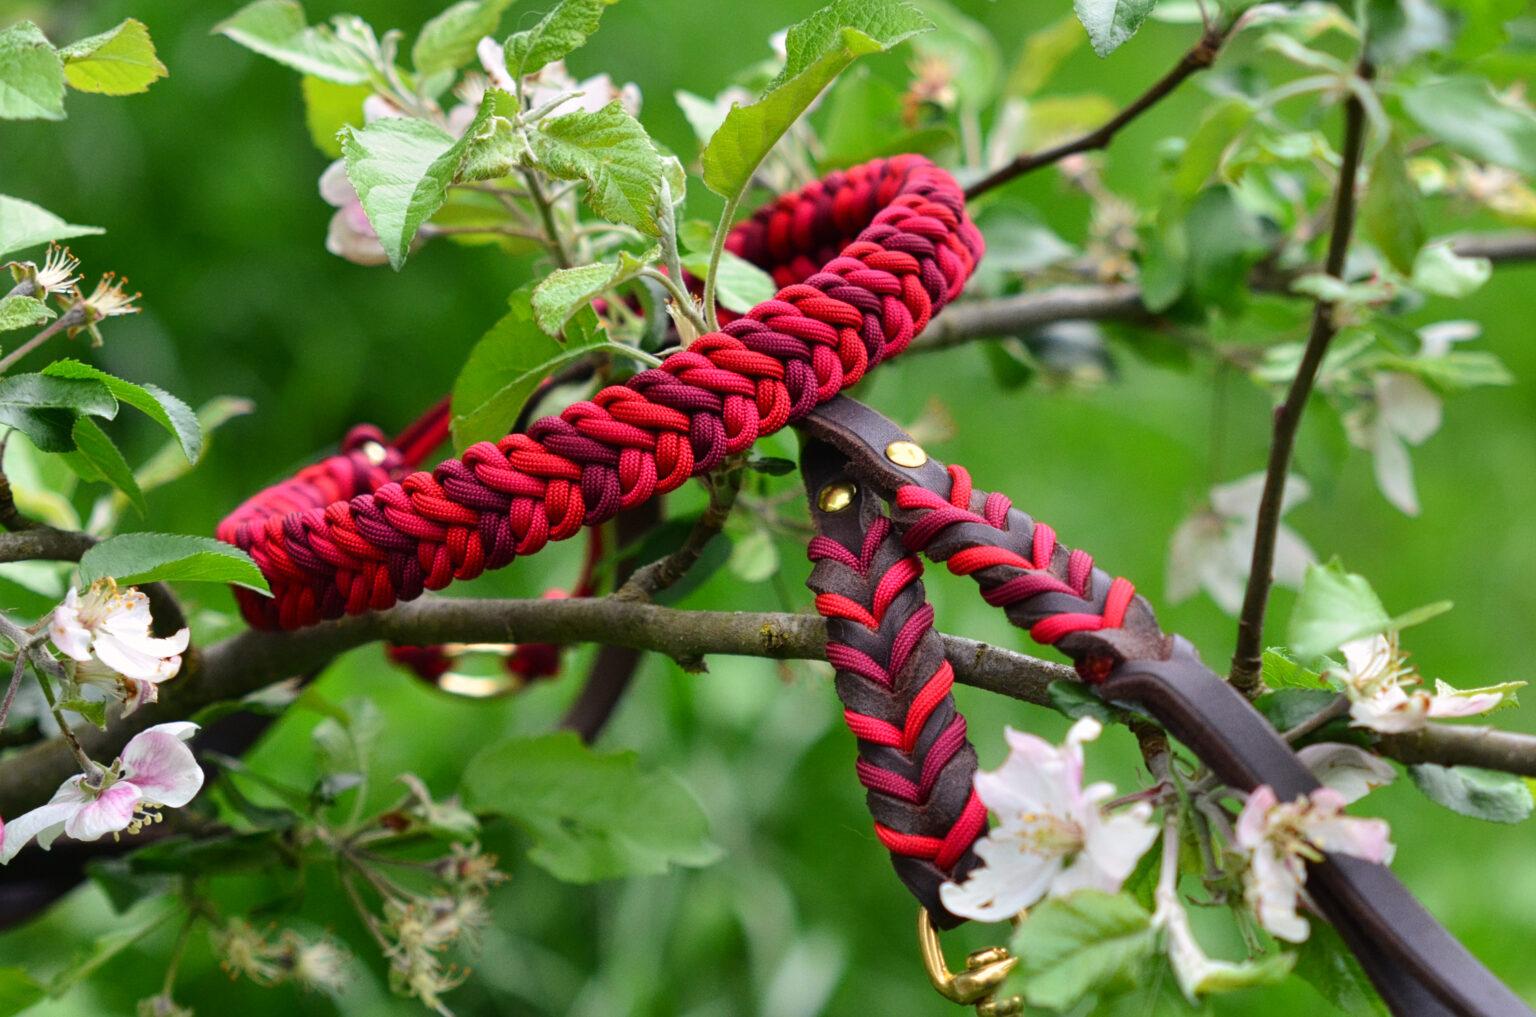 Knallige Rottöne passen perfekt zum Dunkelbraun der Leine, hier kann man schon erahnen wie toll das Halsband der schockobraunen Labbidame Ylvie steht.